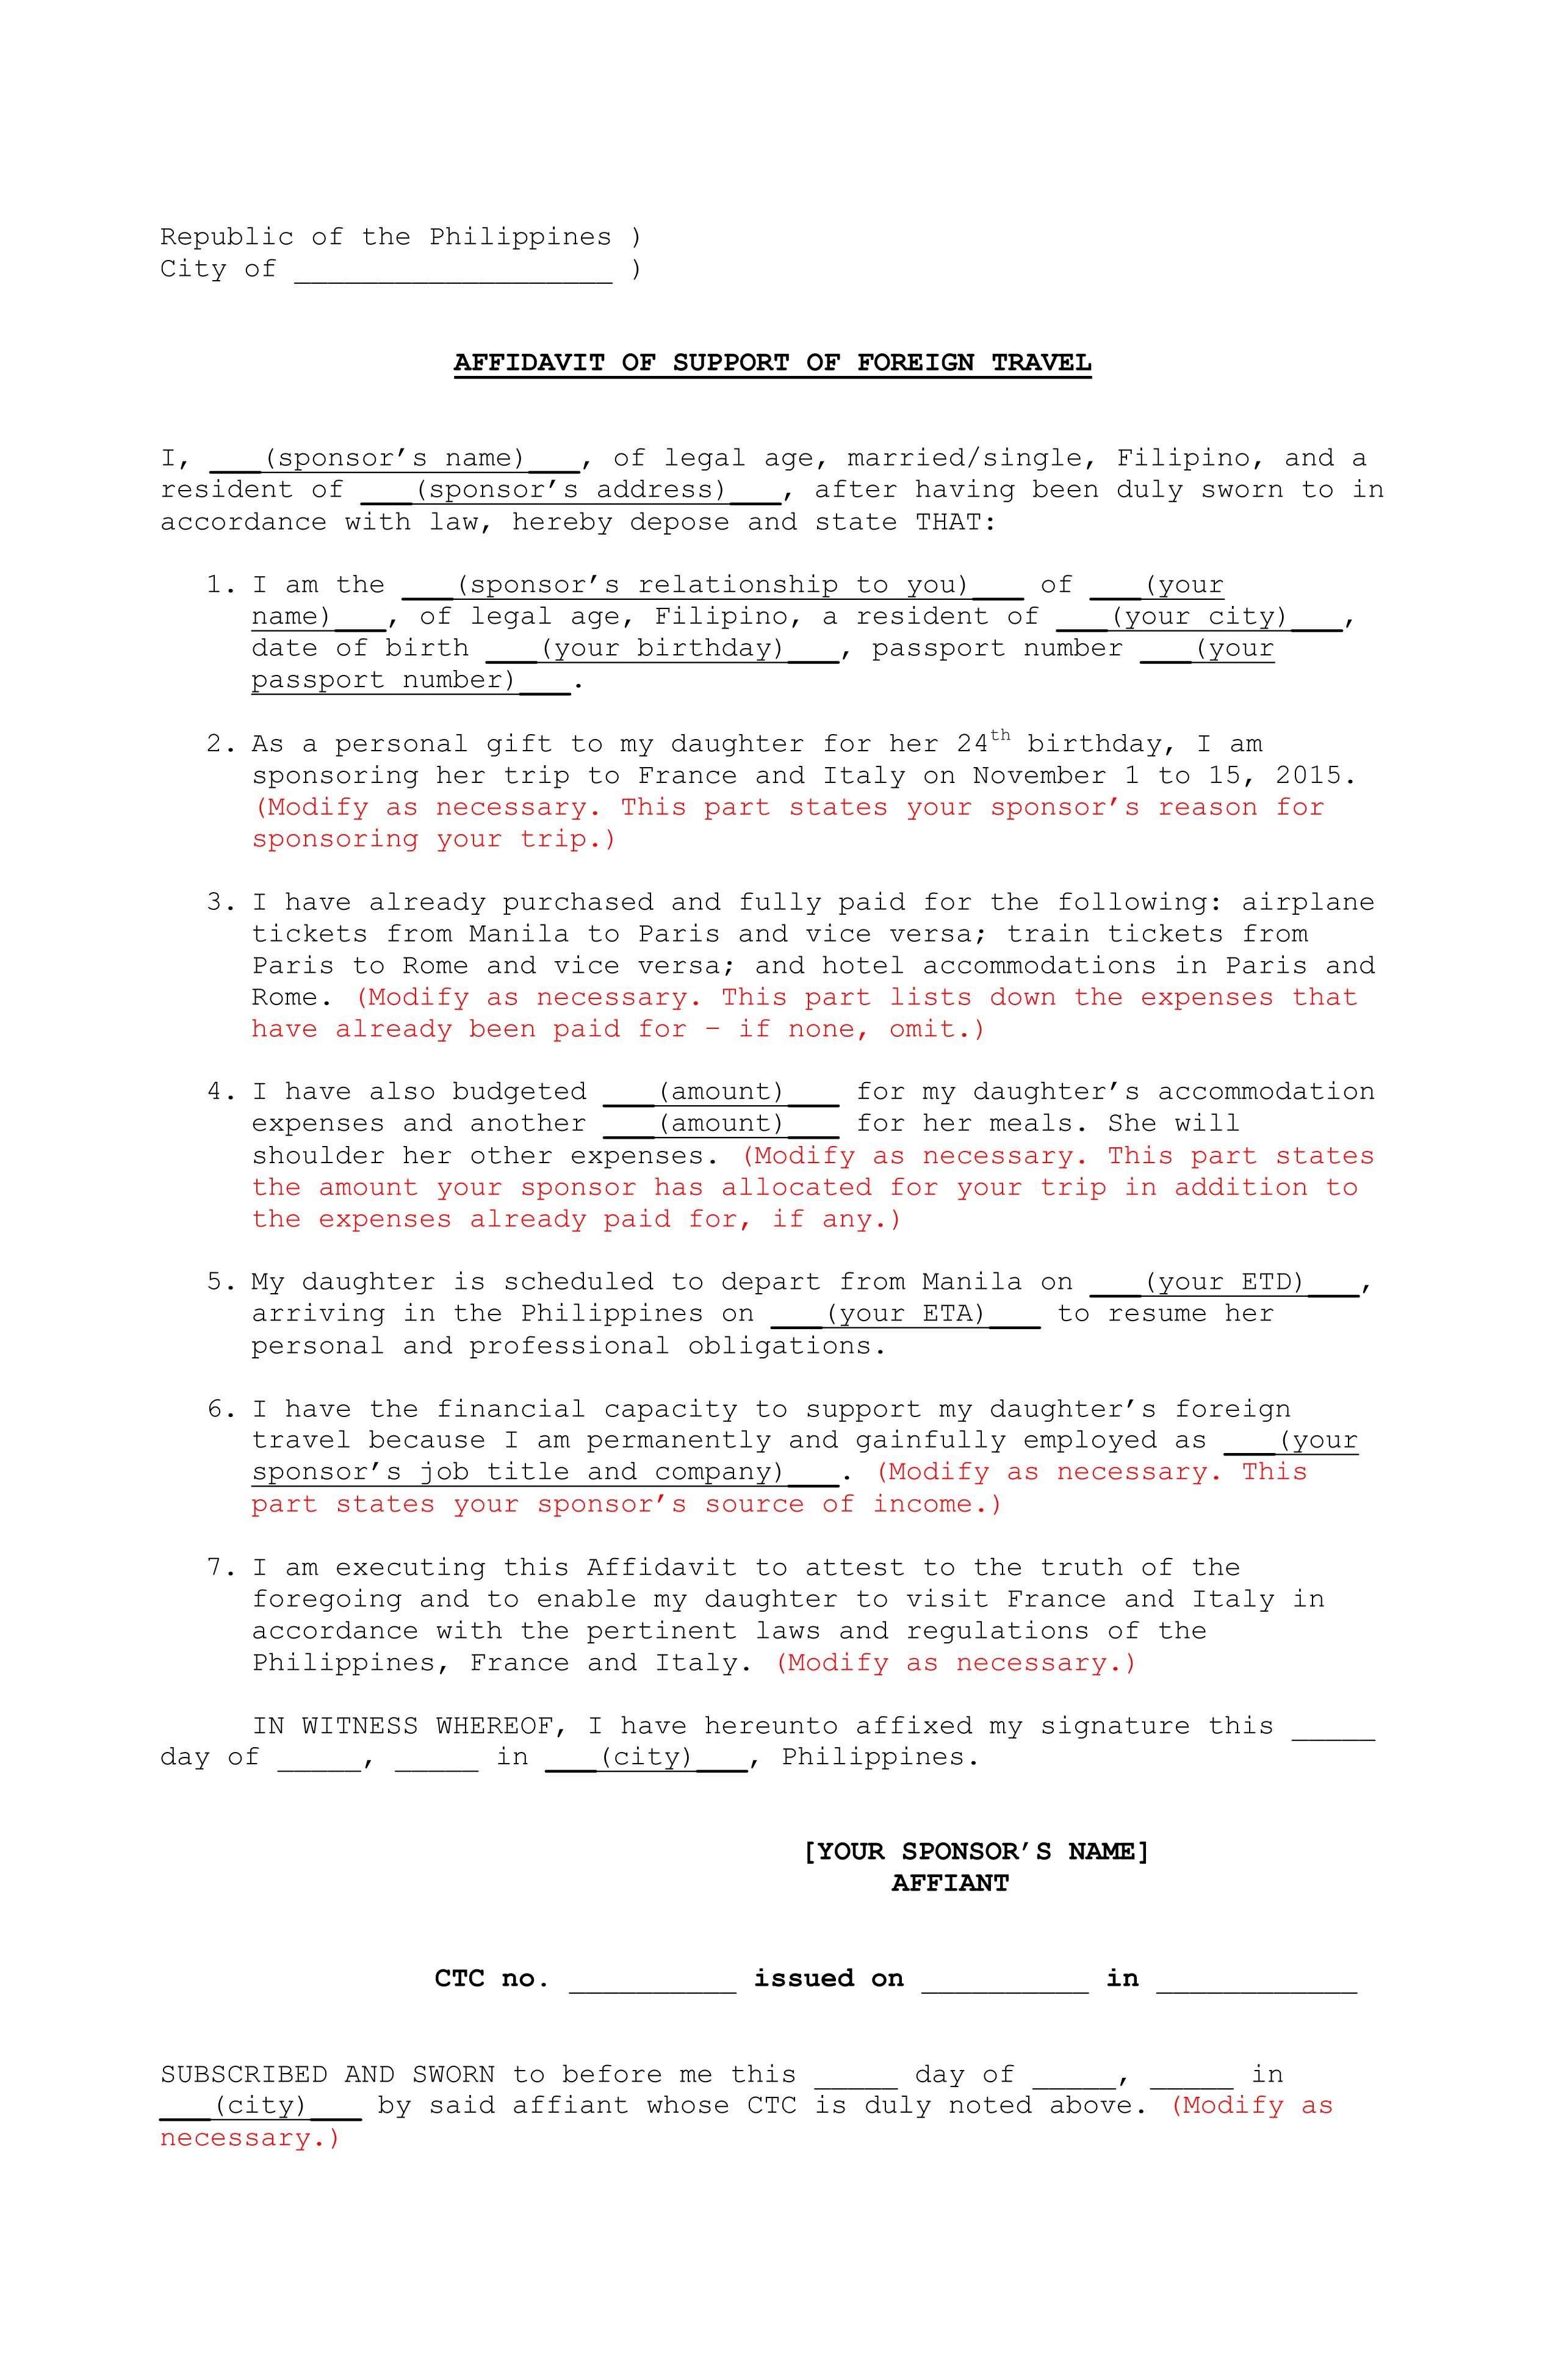 New affidavit form for us visa form us for affidavit visa foreign for of travel sample support affidavit of application visa altavistaventures Choice Image